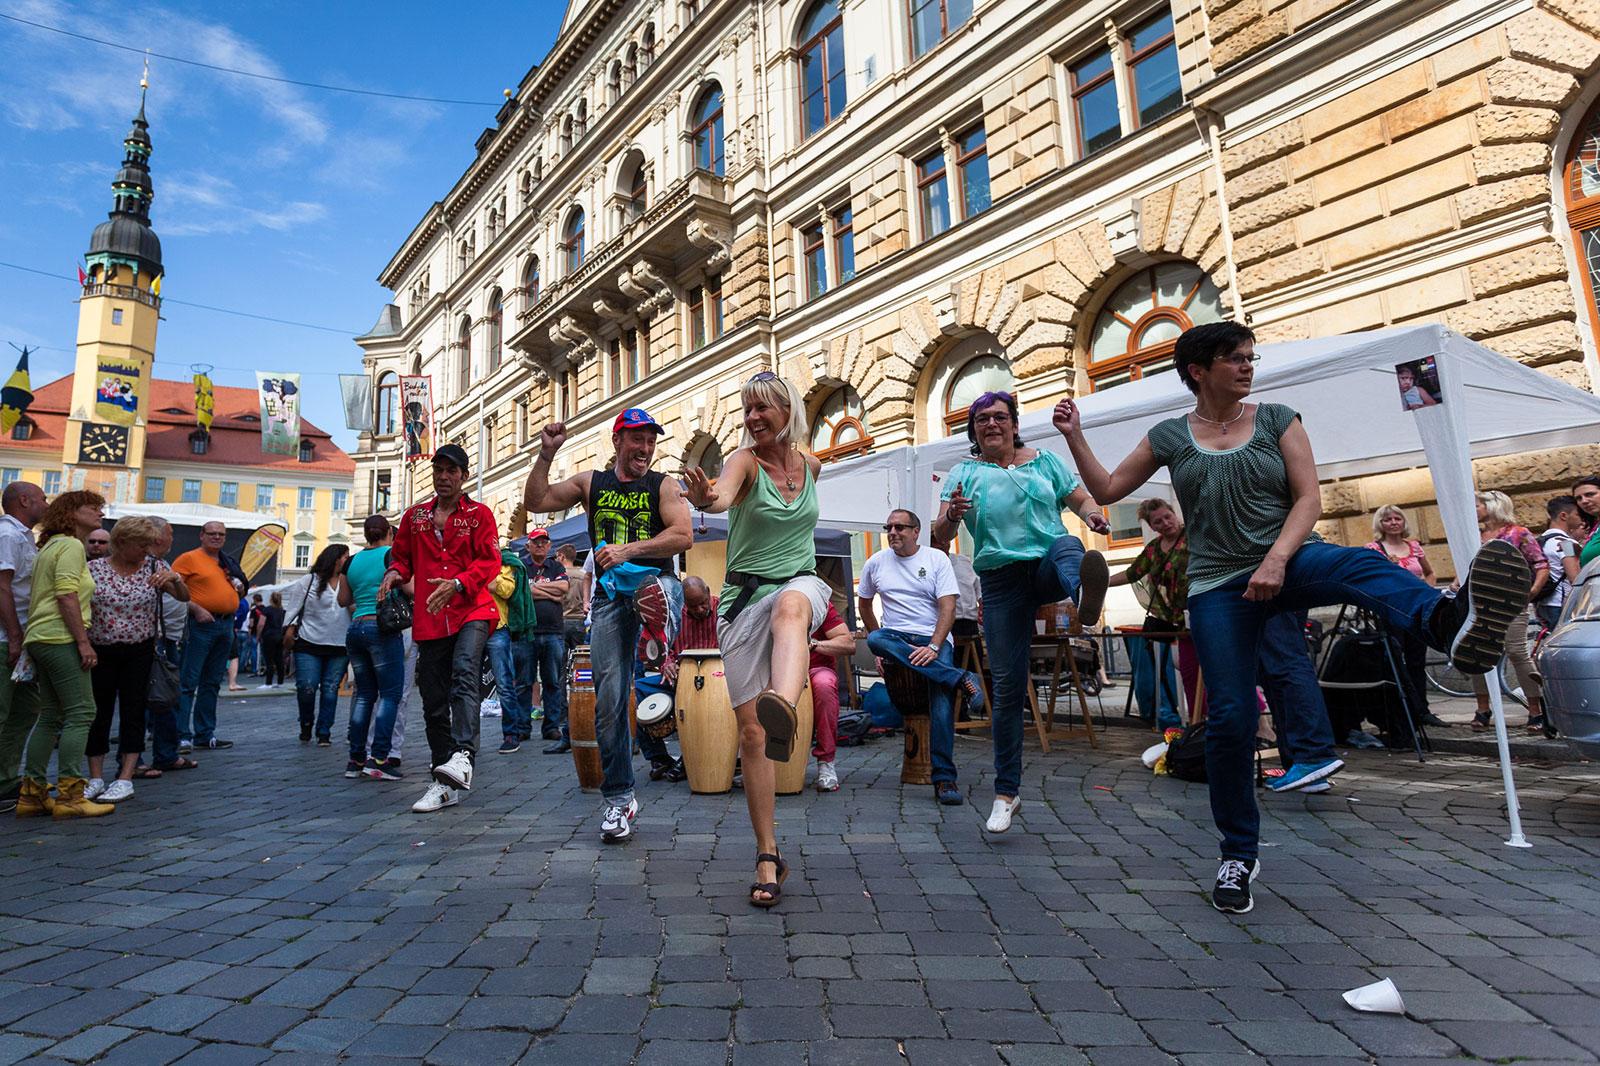 Bautzener Frühlingsimpression - Tänzer in der Inneren Lauenstraße